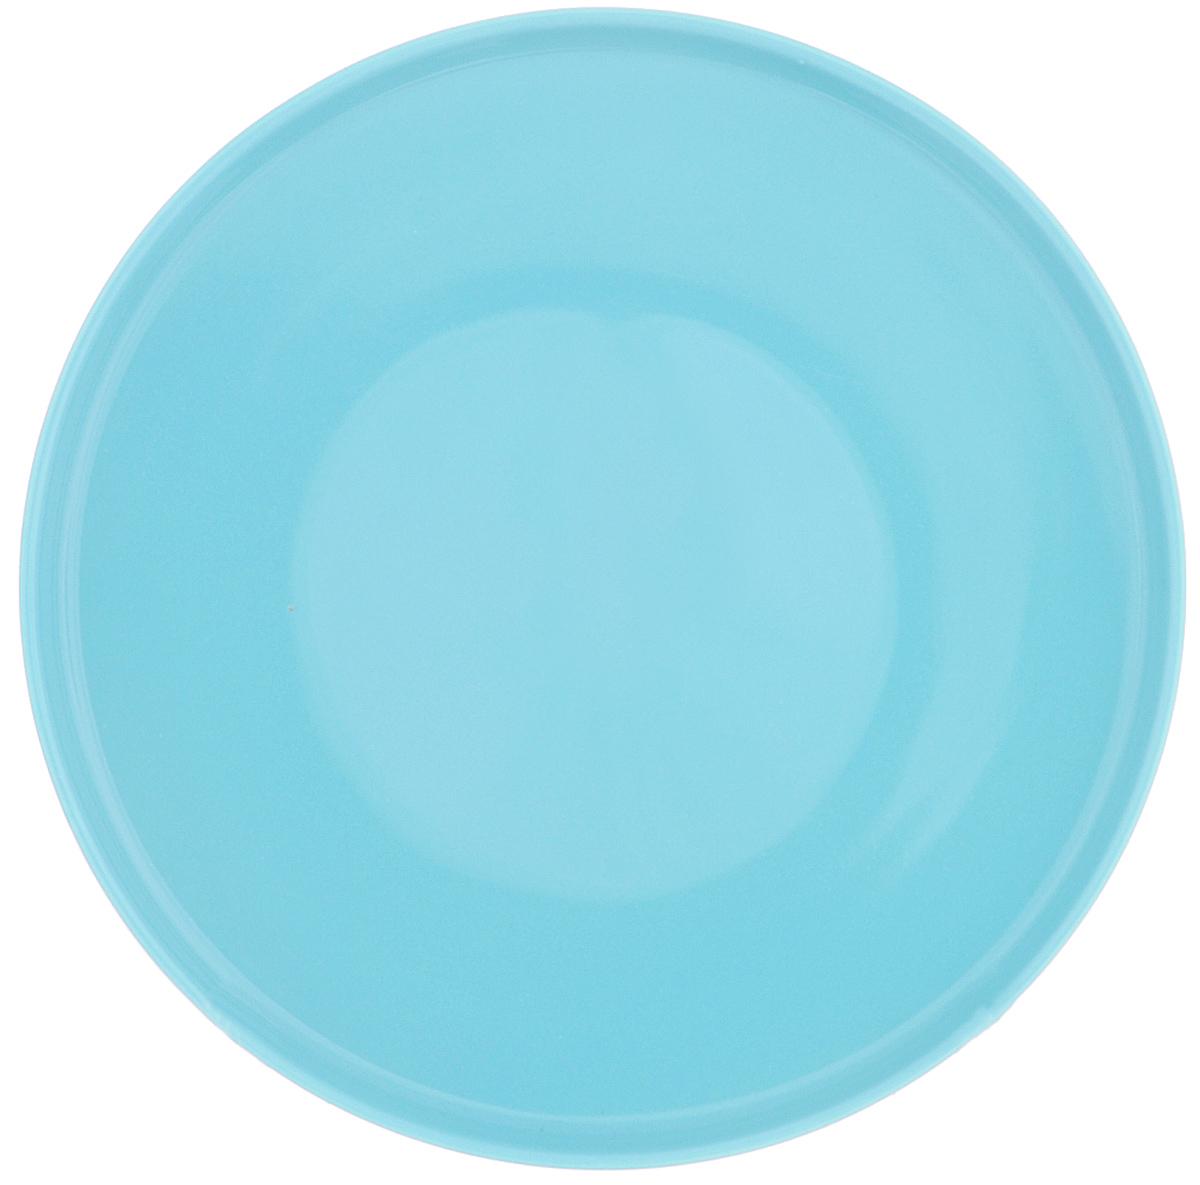 Тарелка Sagaform, цвет: голубой, диаметр 19 см5016579Тарелка Sagaform  изготовлена из высококачественной керамики. Она прекрасно впишется в интерьер вашей кухни и станет достойным дополнением к кухонному инвентарю. Яркая однотонная расцветка и современный дизайнхорошо впишутся в интерьер любой кухни. Такая тарелка не только украсит ваш кухонный стол и подчеркнет прекрасный вкус хозяйки, но и станет отличным подарком.Можно мыть в посудомоечной машине.Диаметр ( по верхнему краю): 19 см.Высота: 2 см.